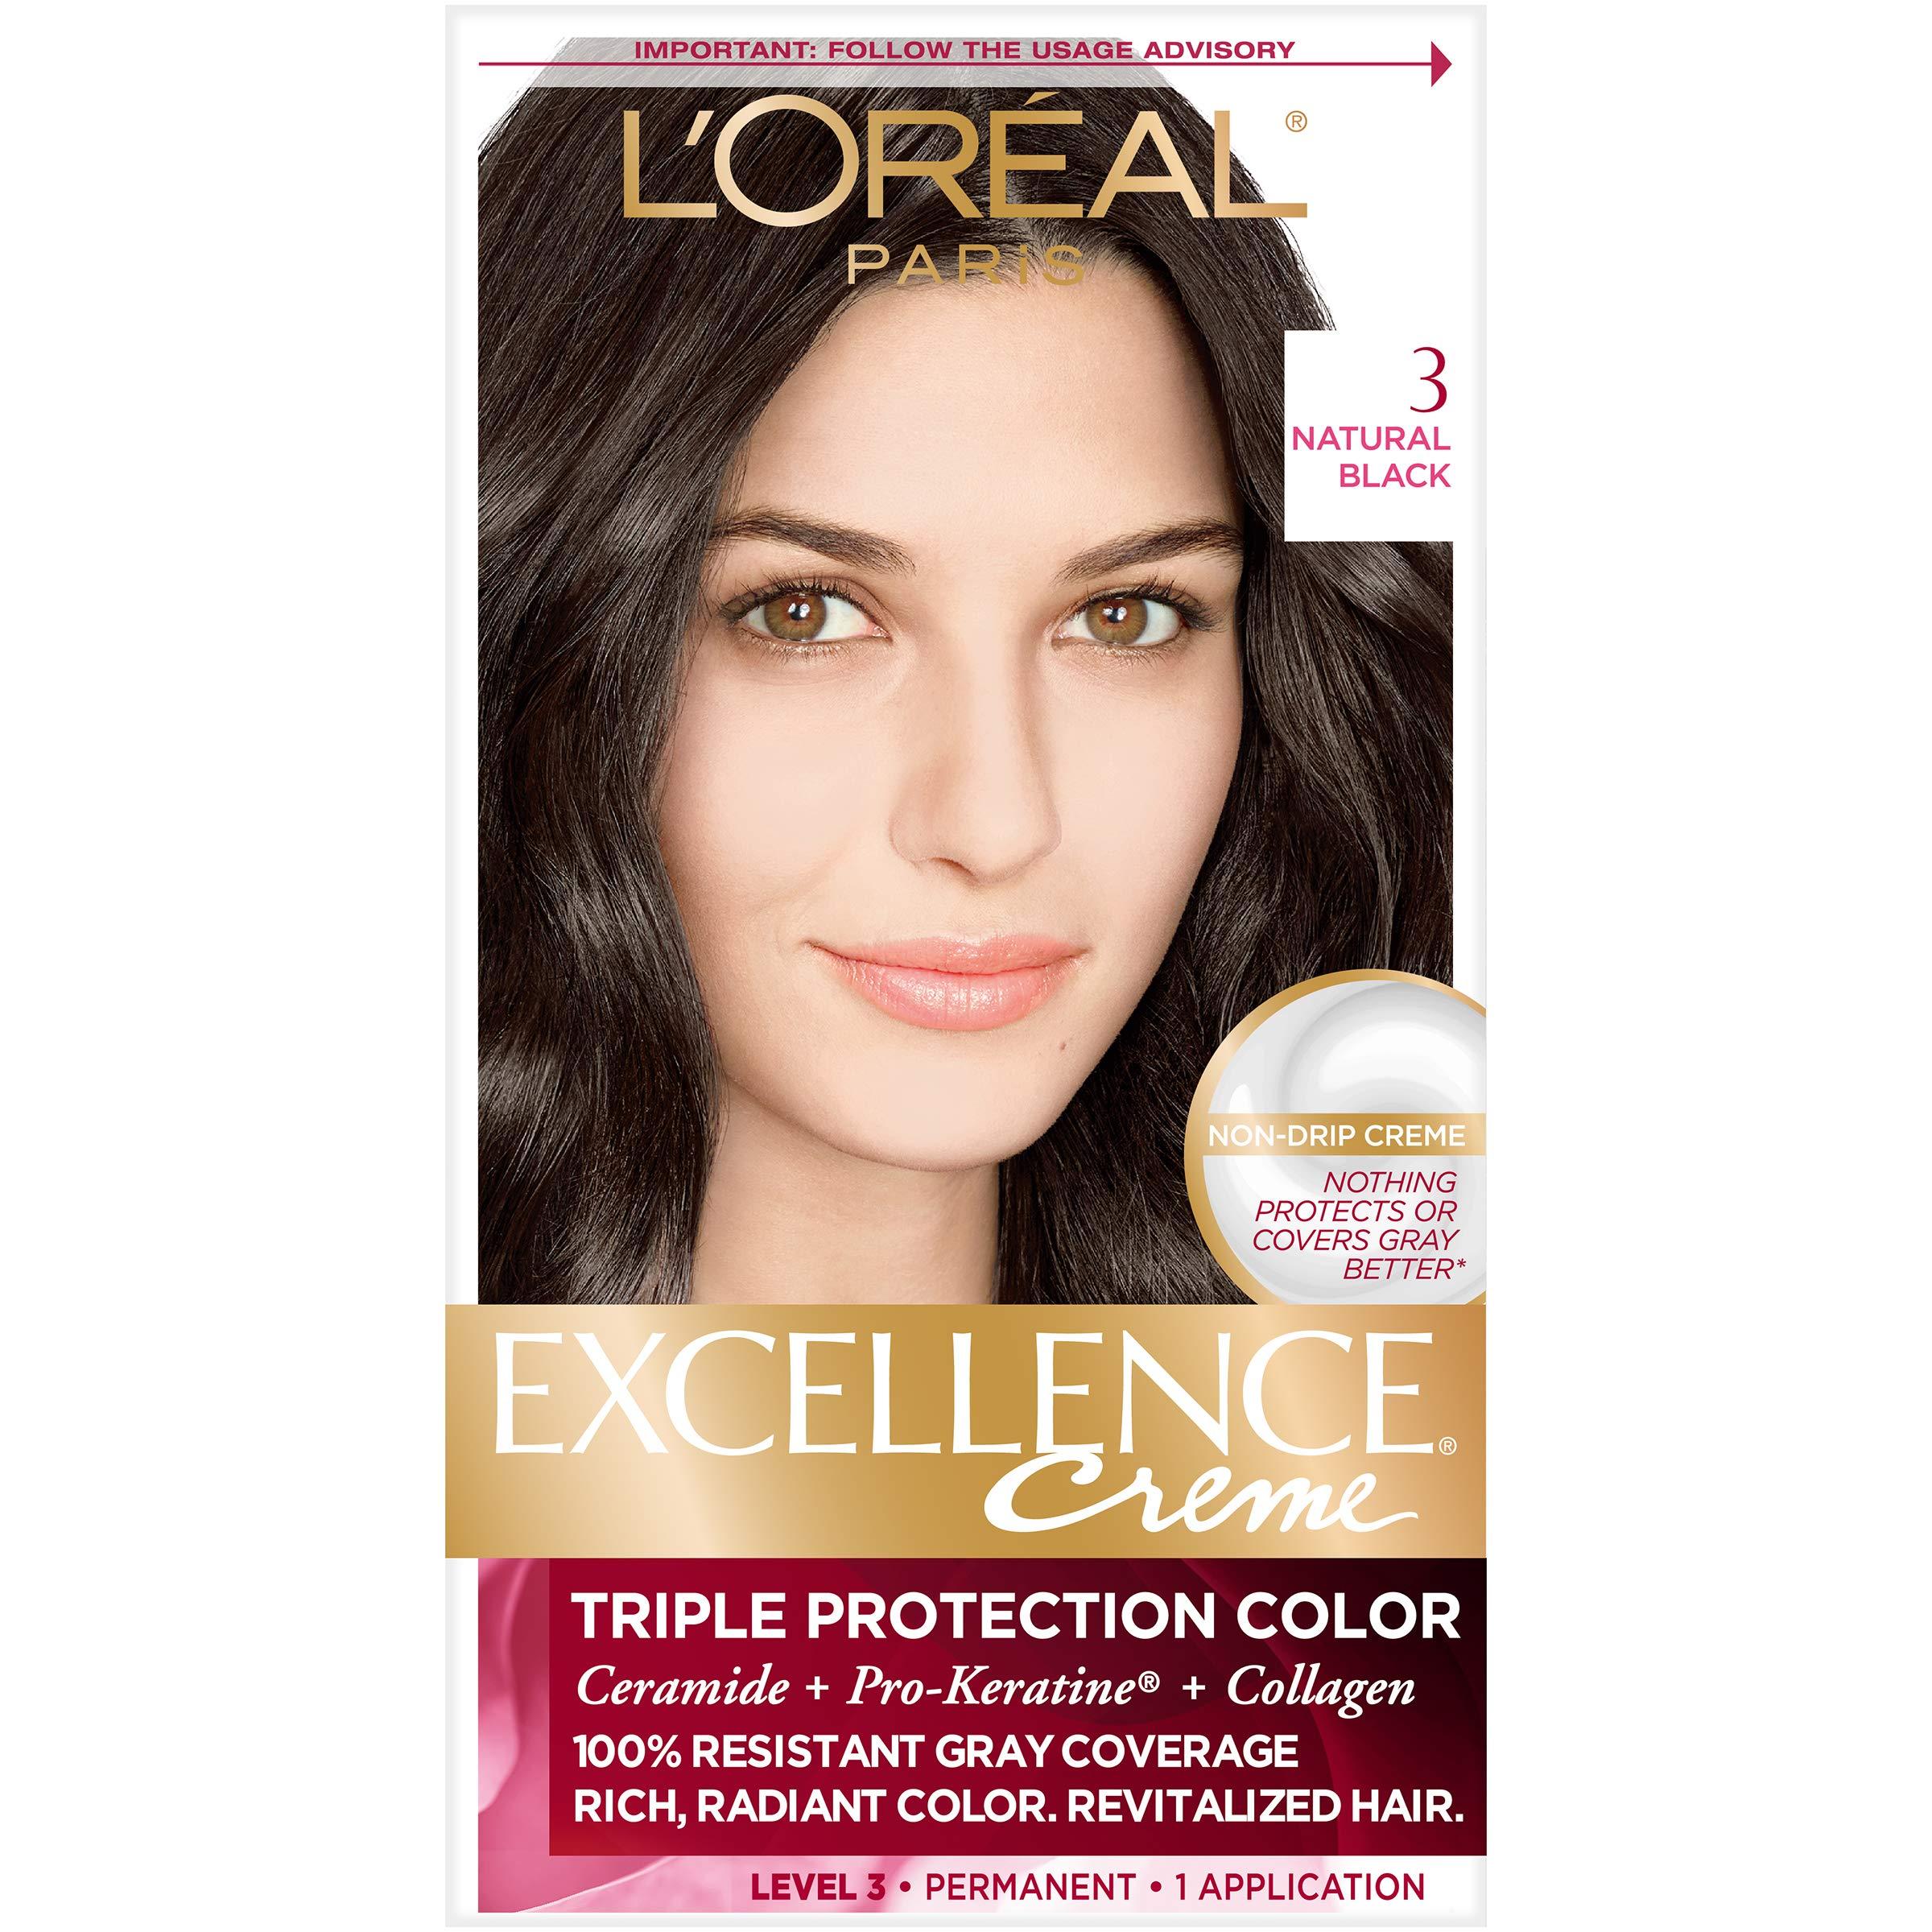 Amazon Loral Paris Excellence Crme Permanent Hair Color 3